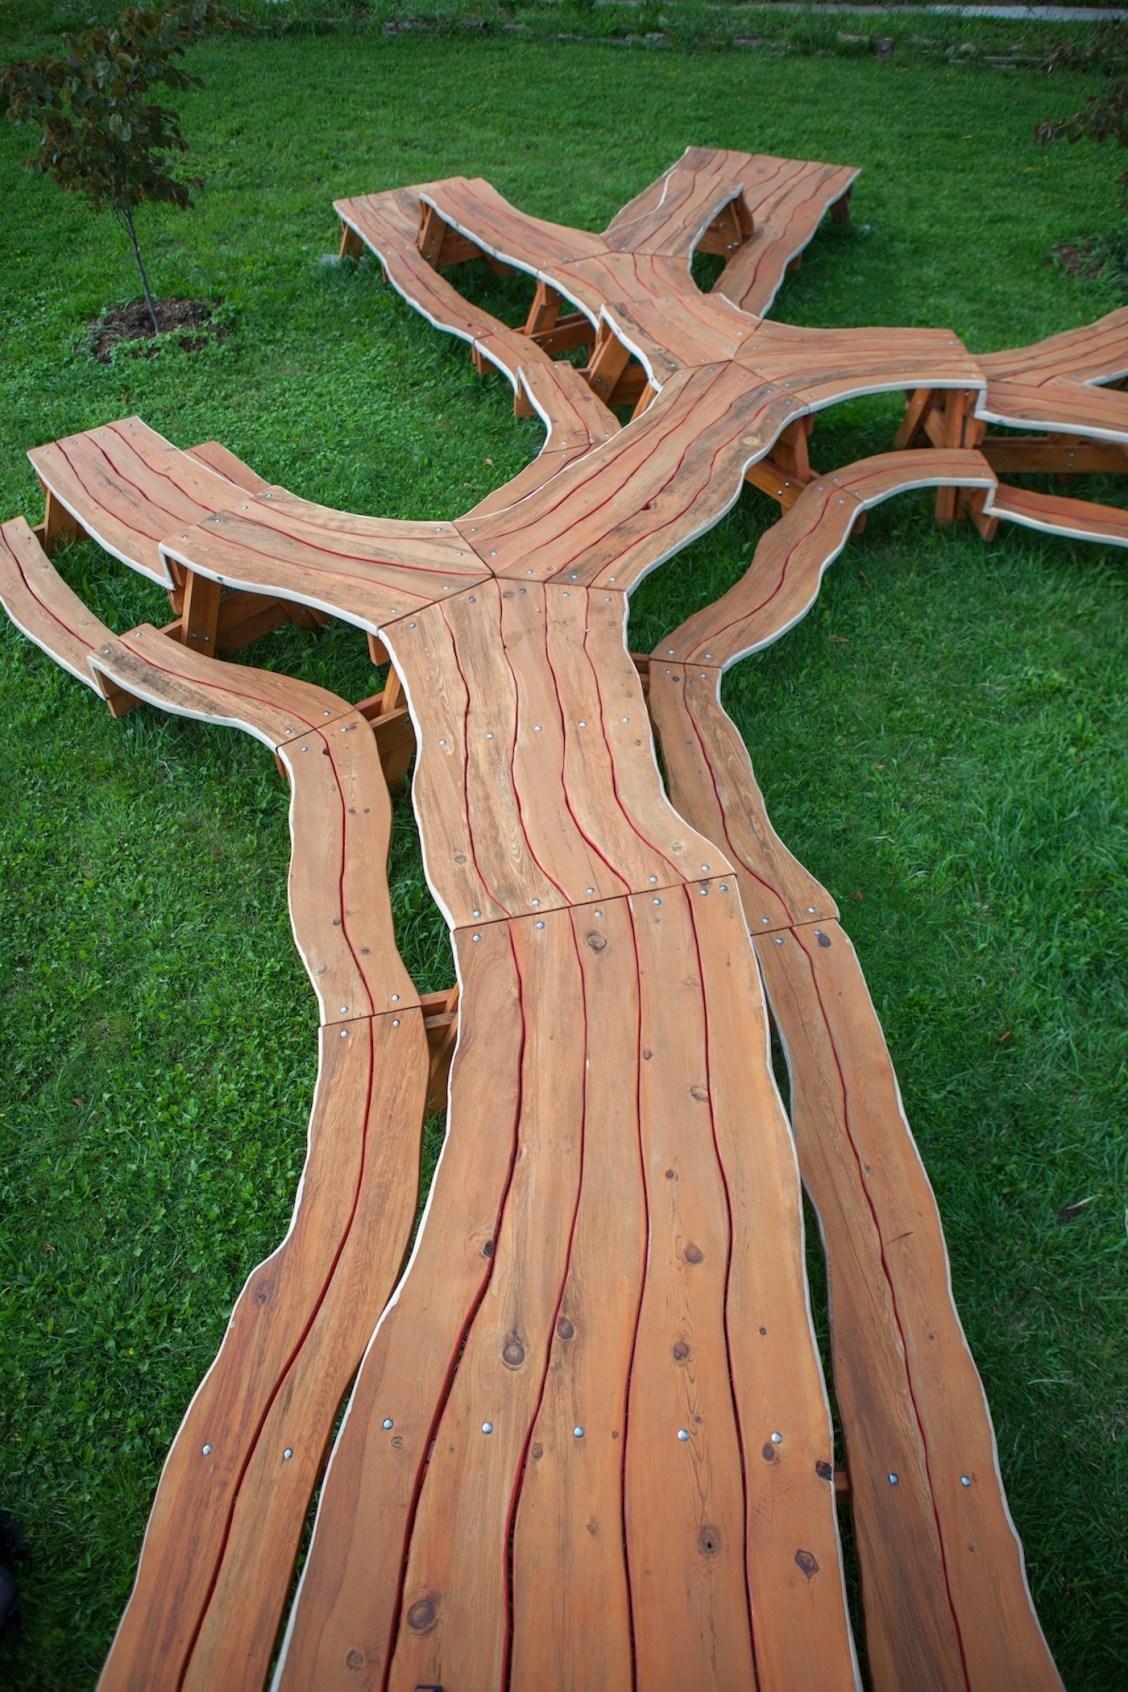 L'artiste Michael Beitz a conçu une table géante en forme d'arbre pour rassembler tout le monde